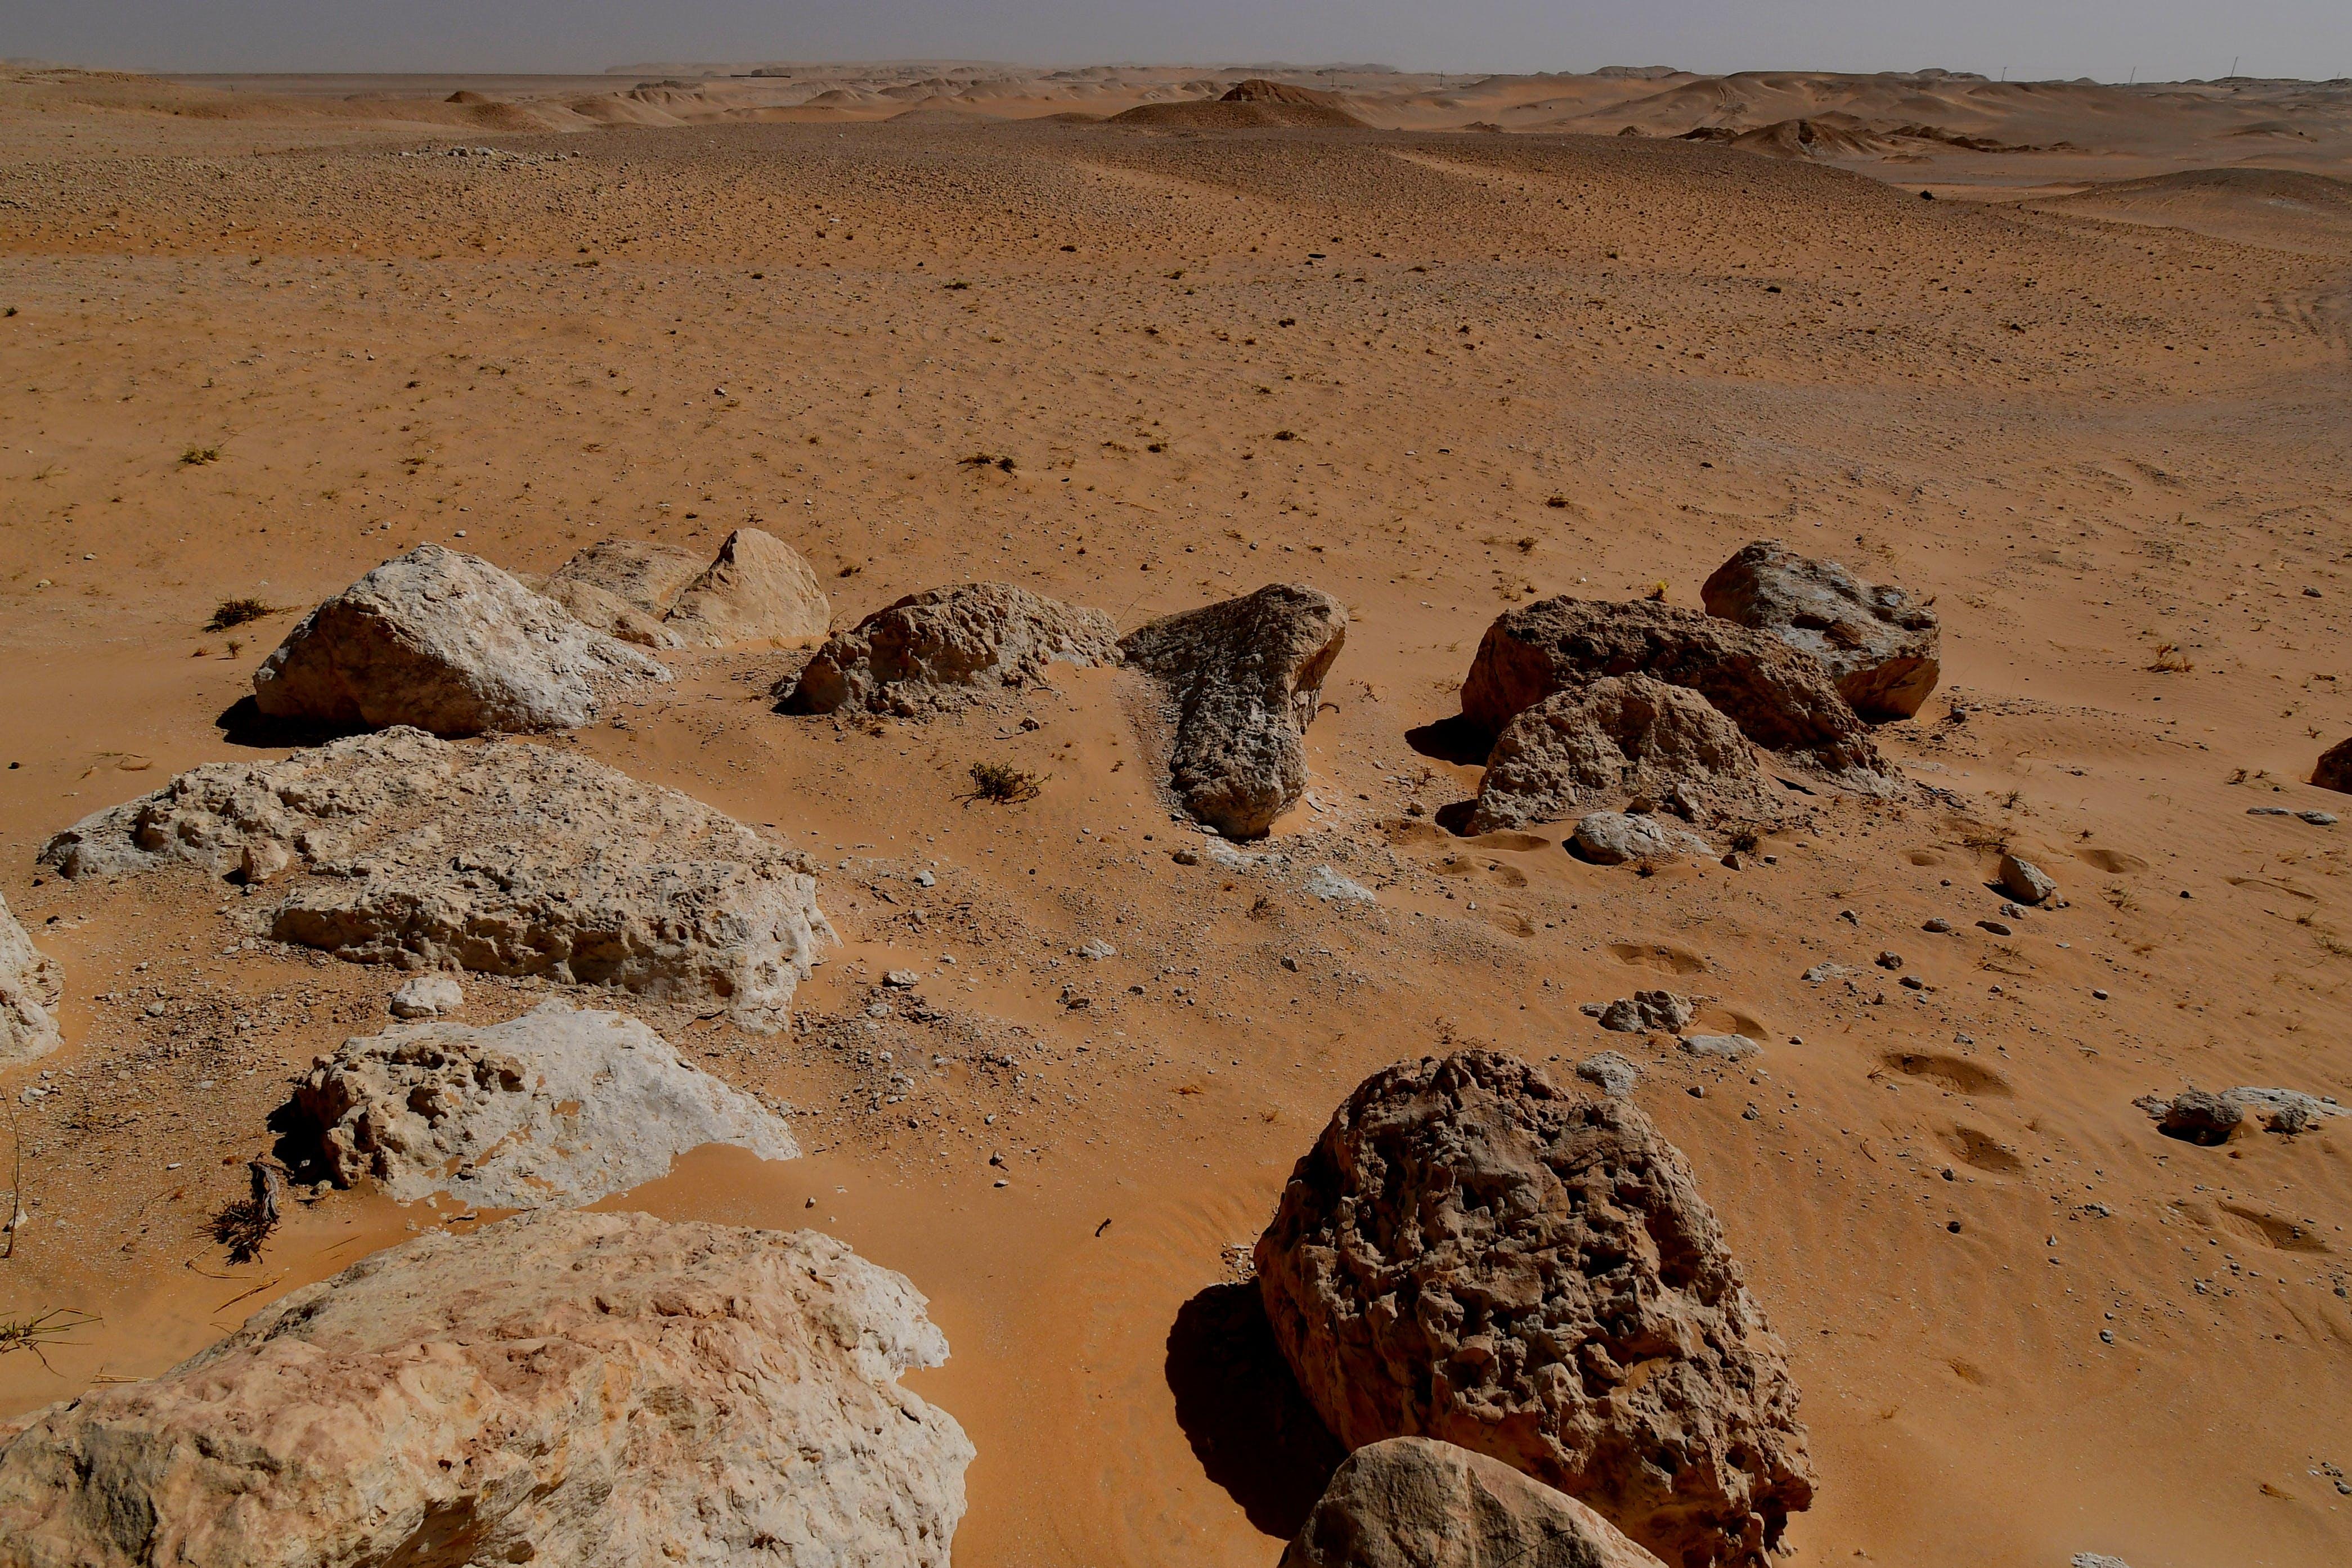 Fotos de stock gratuitas de desértico, Desierto, montaña rocosa